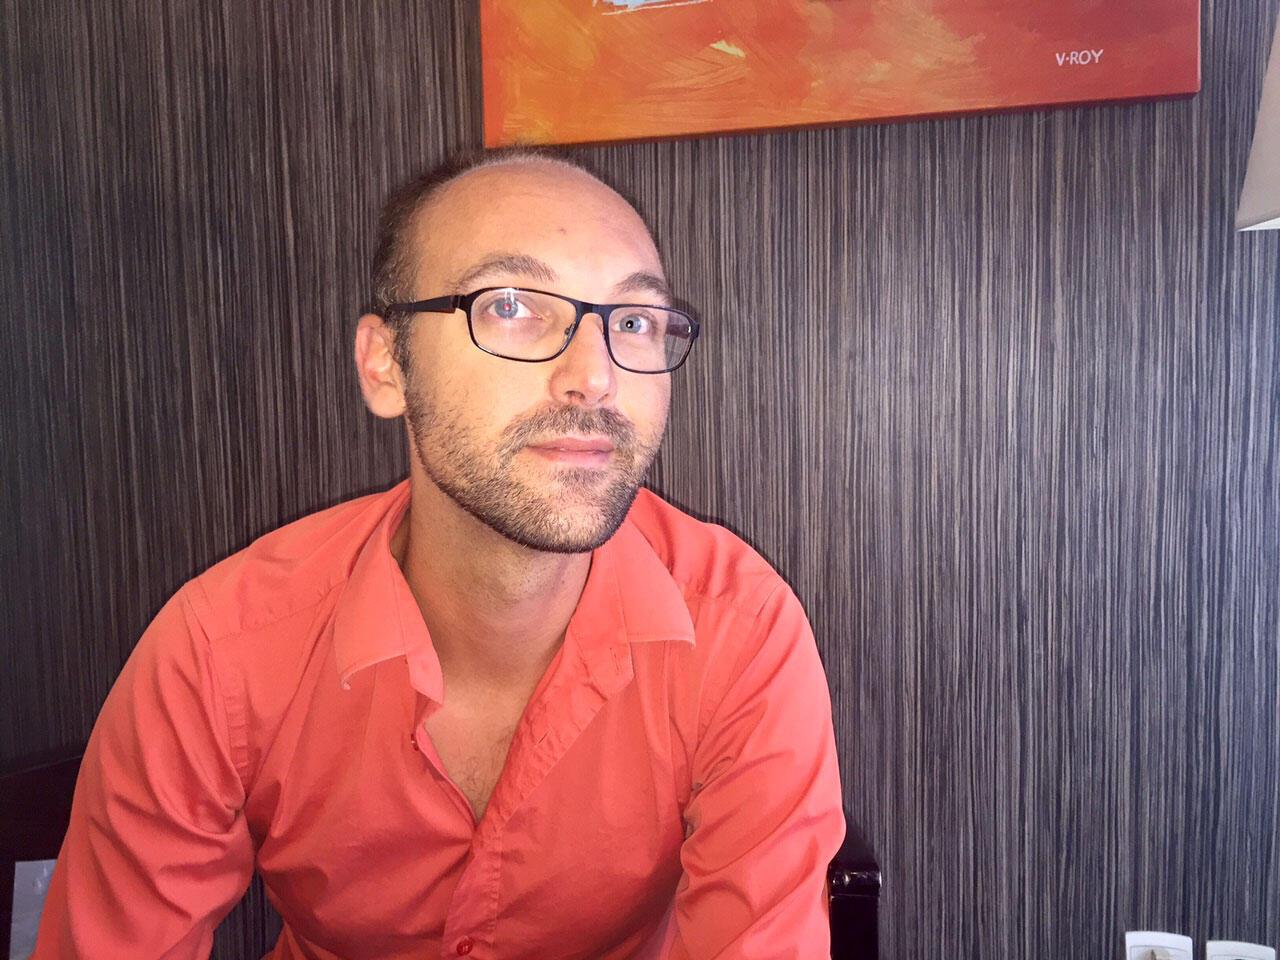 Sébastien Daycard-Heid a séjourné plusieurs semaines à Sarcelles pour s'immerger dans cette banlieue qui l'a fasciné.